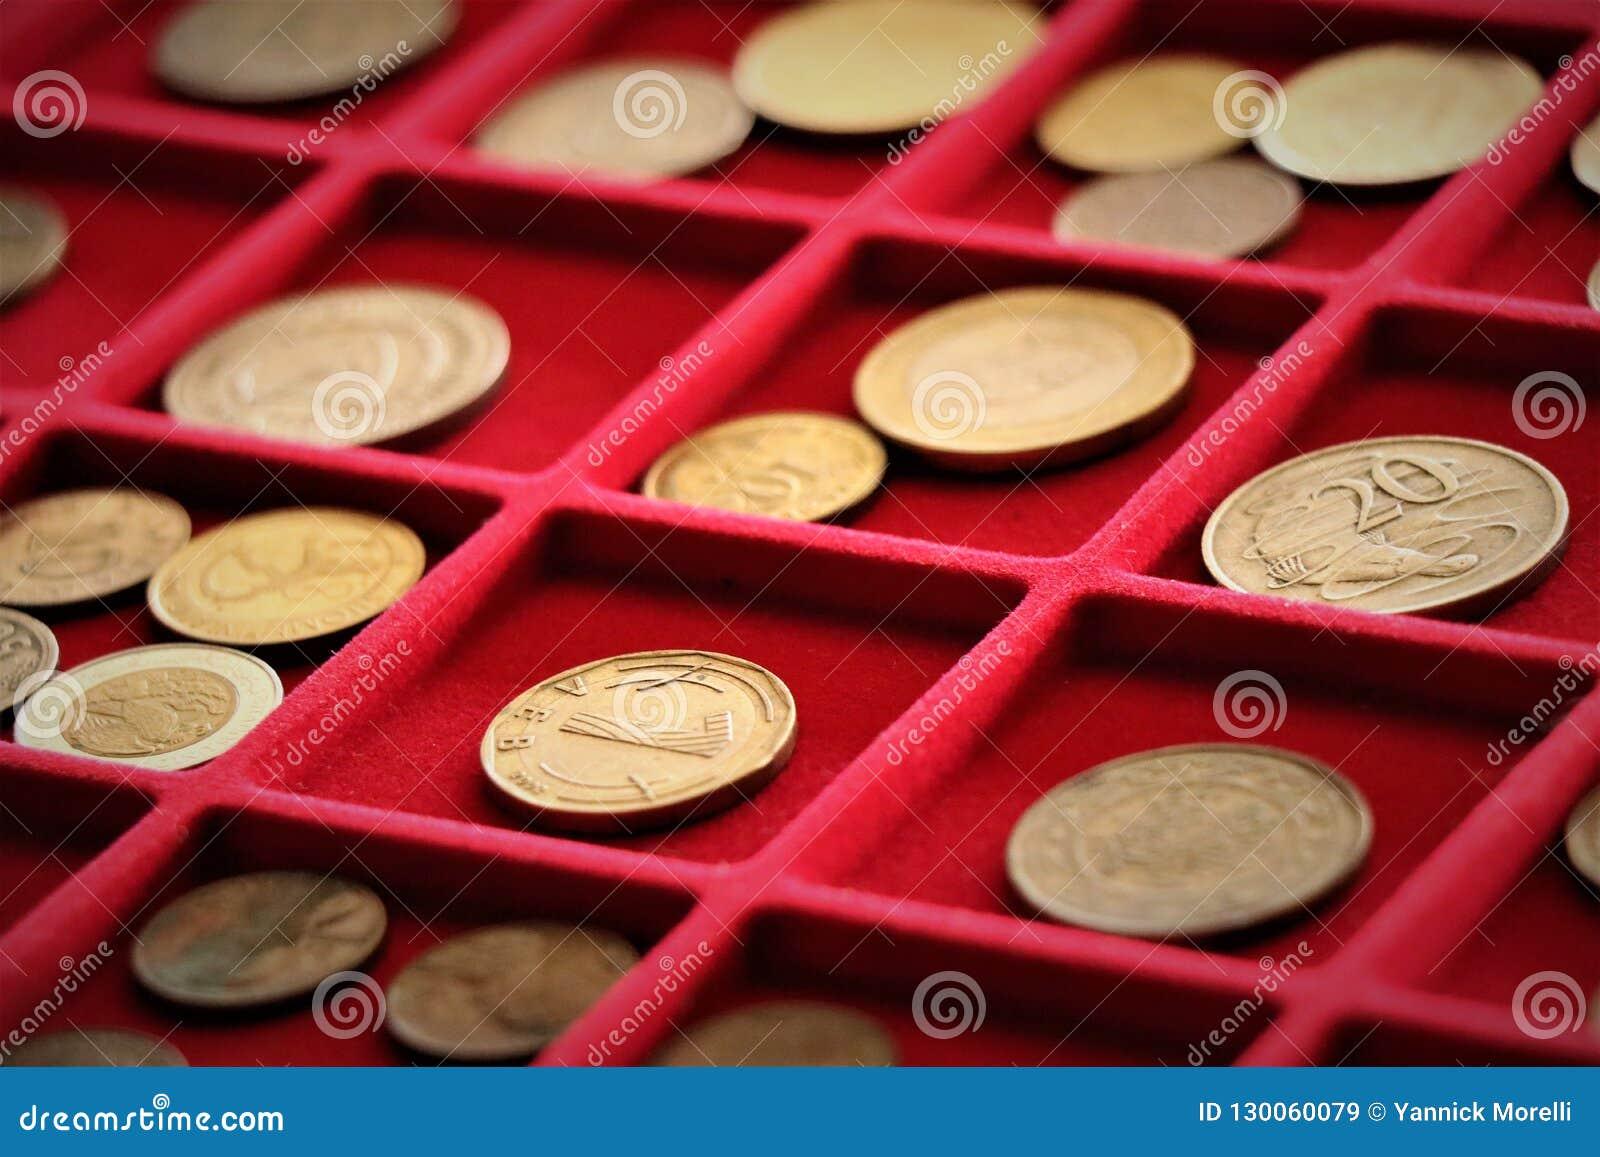 货币工作 硬币收集,投资